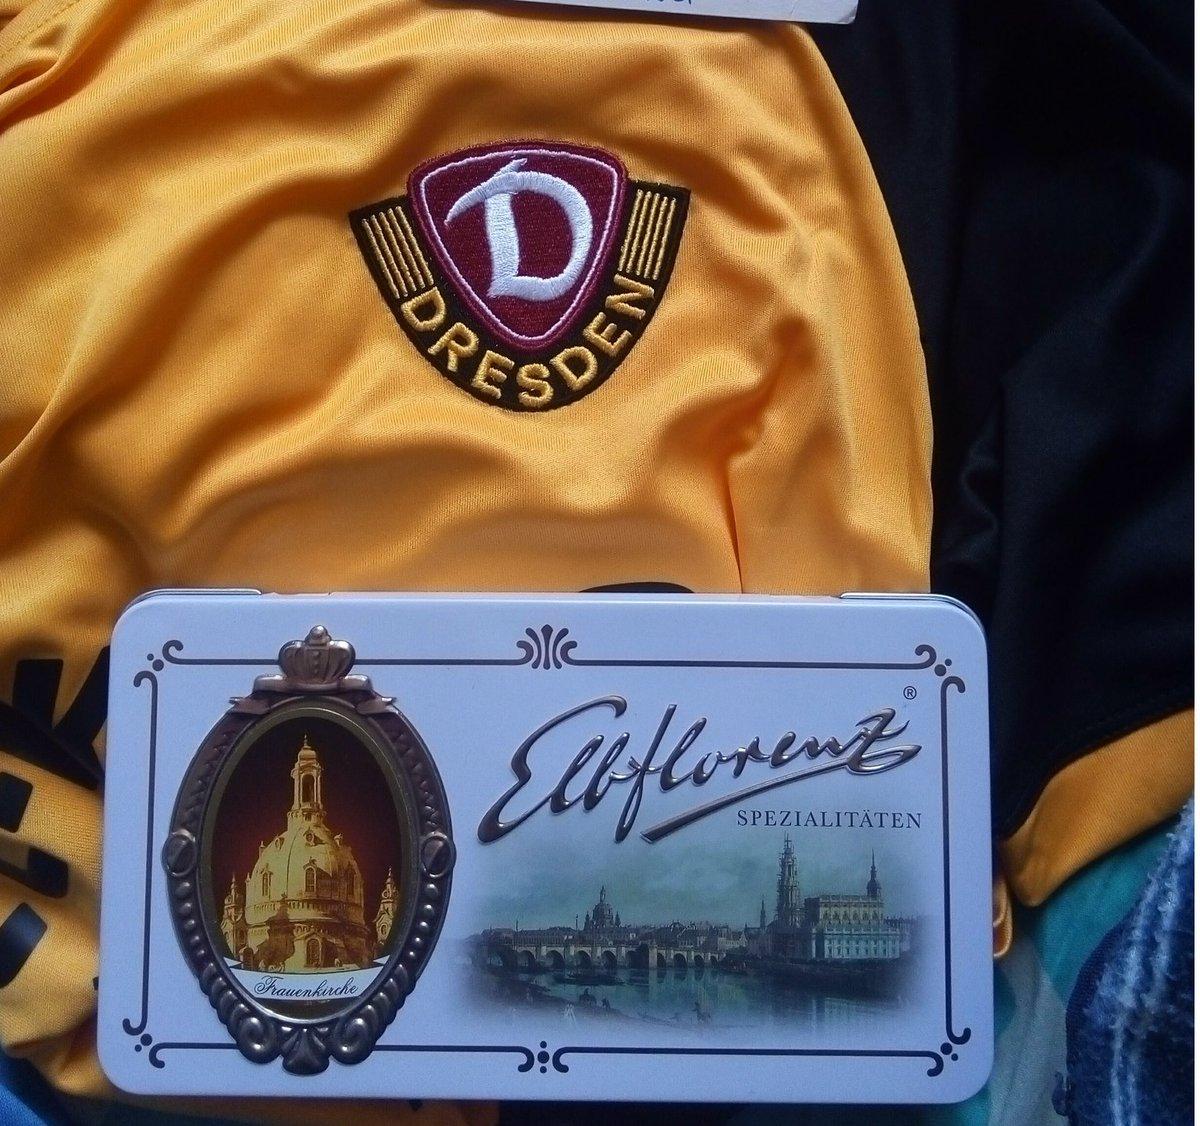 test Twitter Media - @HolgerScholze Hallo, Ich wünsche dir einen schönen Abend! gestern ein @DynamoDresden Fan hat mir ein offizielles Teamtrikot und ein paar leckere Pralinen als Geburtstagsgeschenk geschickt hat. Ich bin sehr froh, das Shirt erhalten zu haben 😊😍  Grüße aus Lima, Peru https://t.co/lZtIfU5iK4